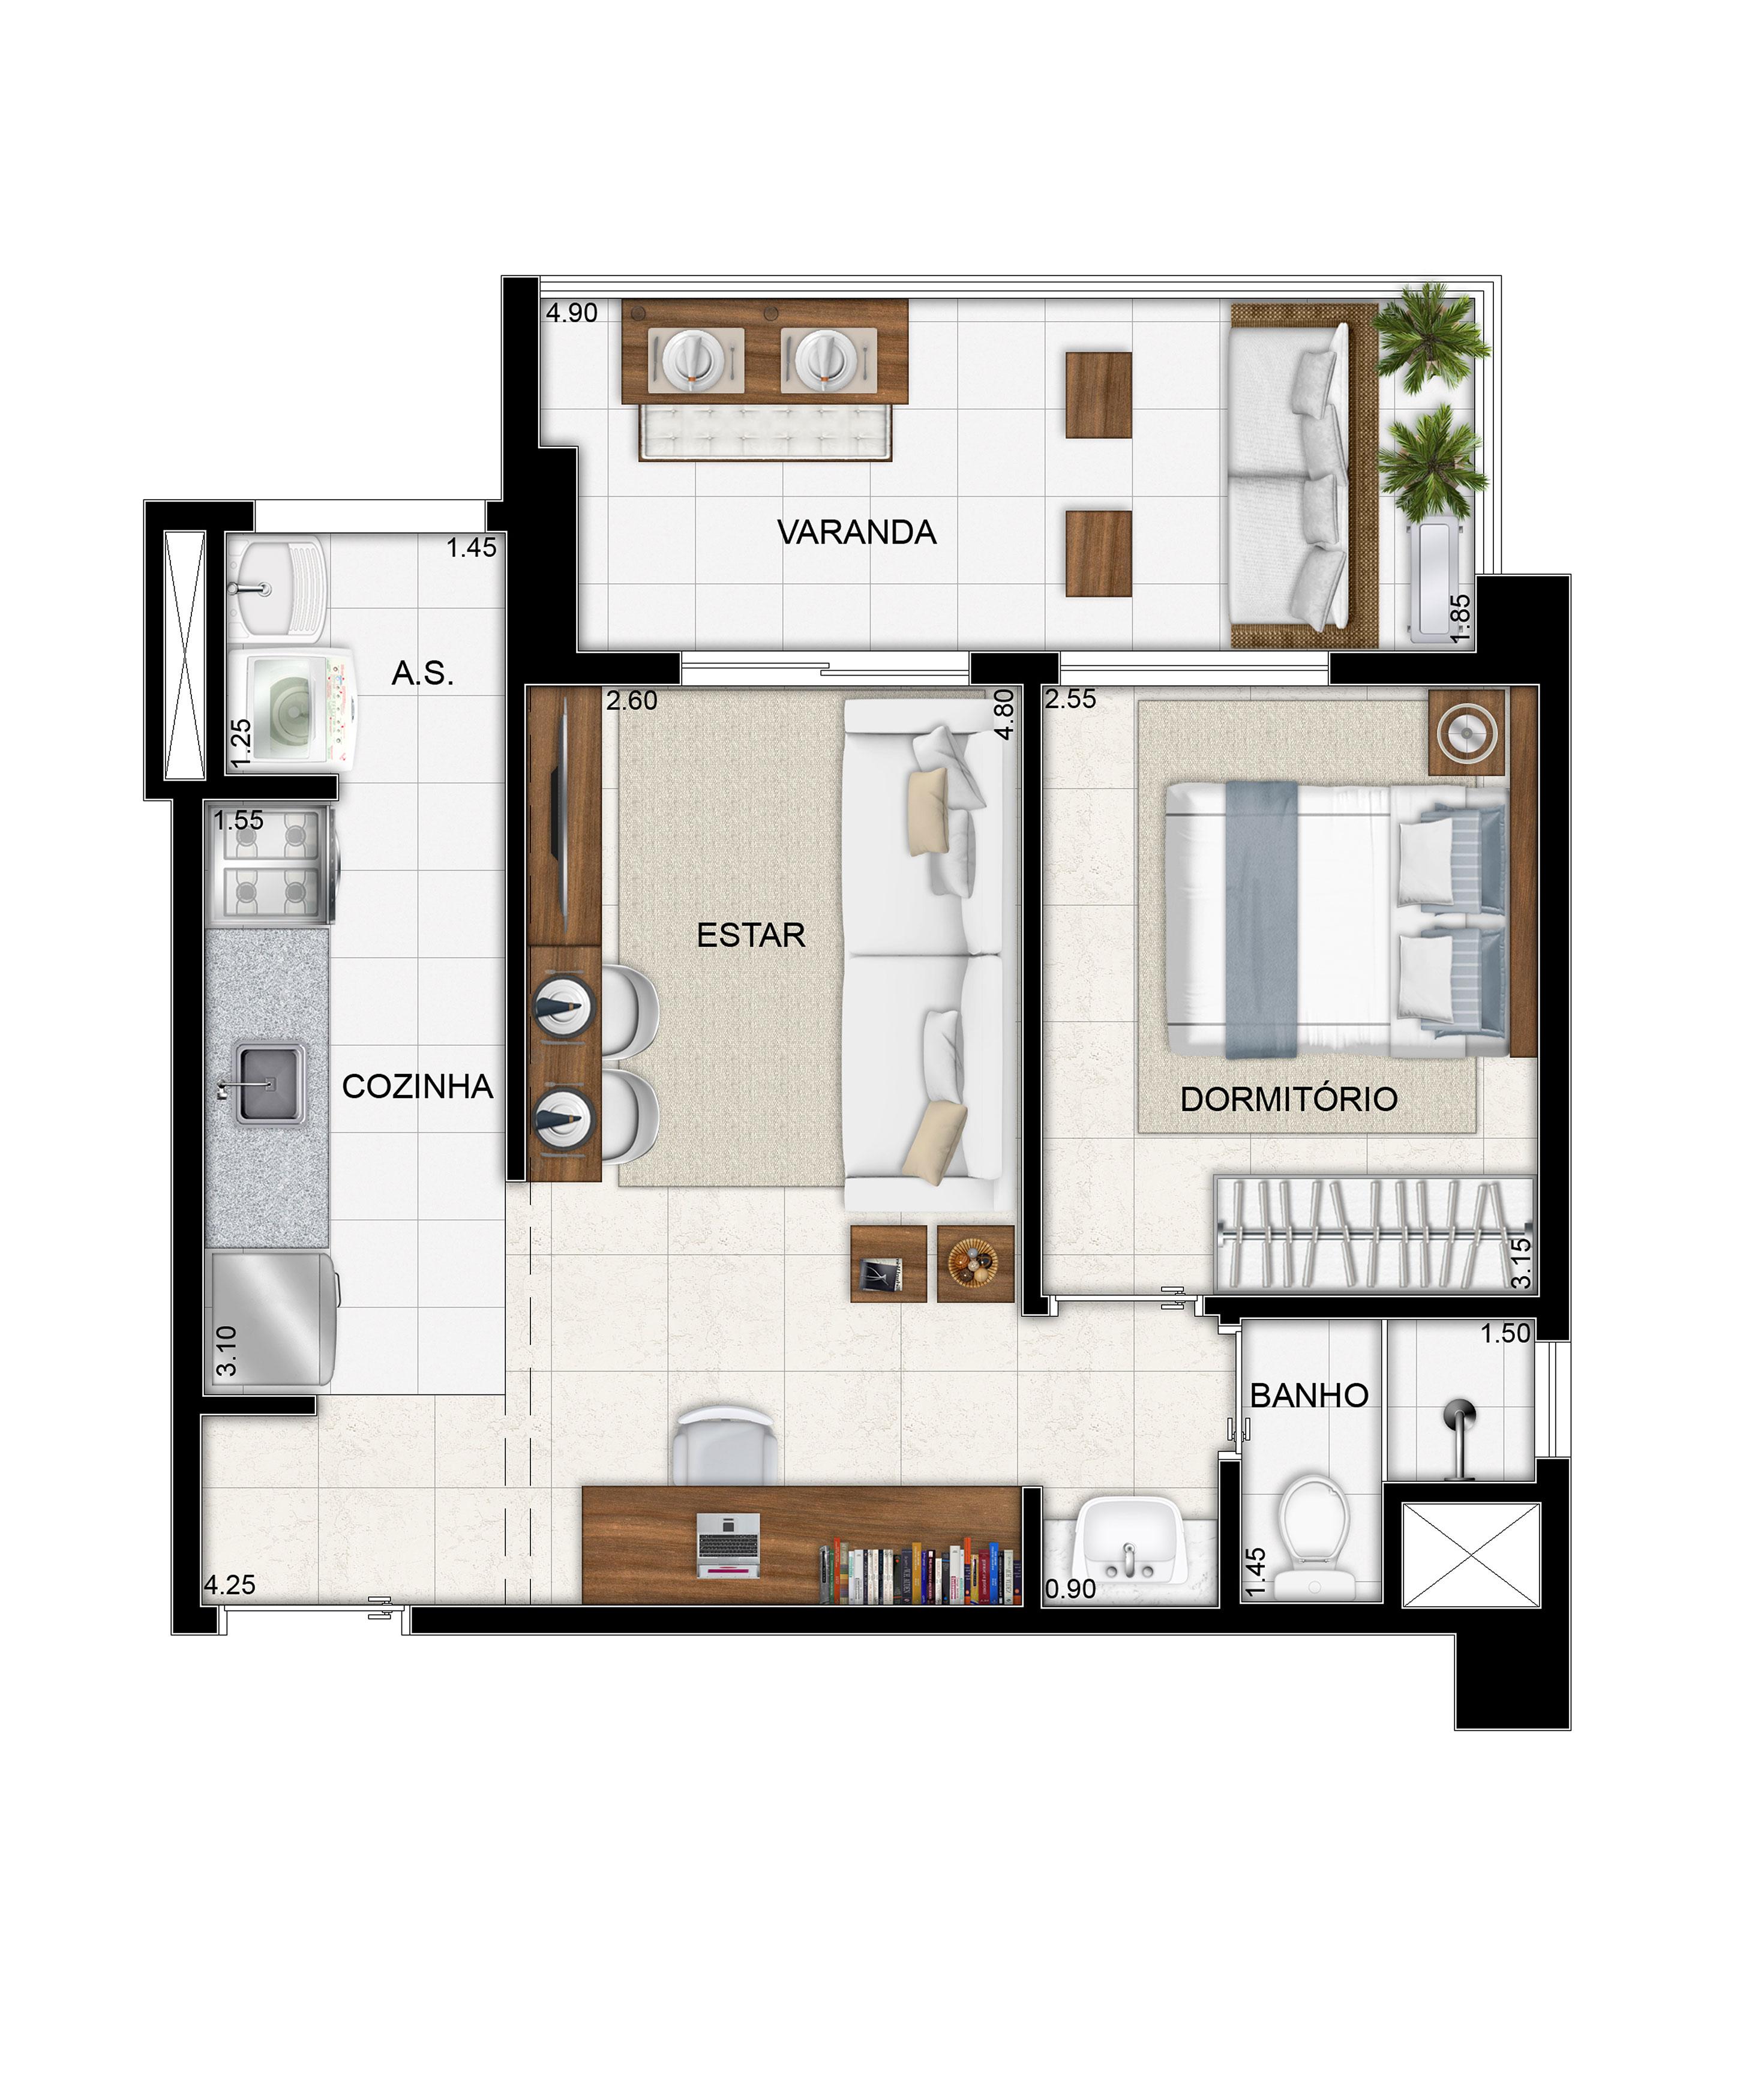 47,70 m² - 1 dorm